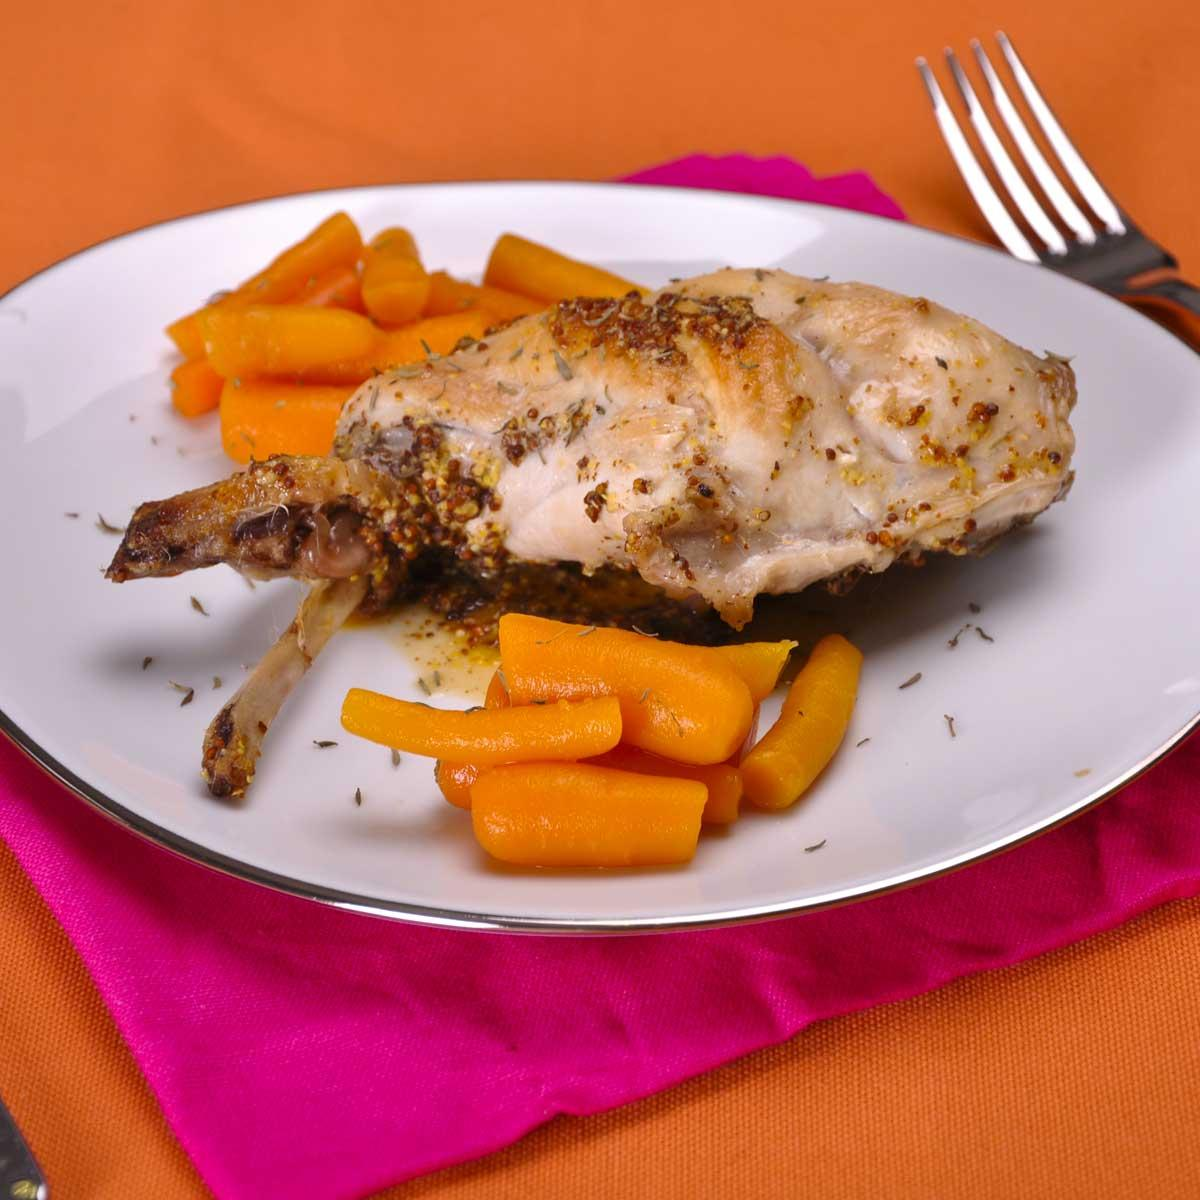 Le lapin la moutarde de bernard loiseau une recette - Cuisine belge recettes du terroir ...